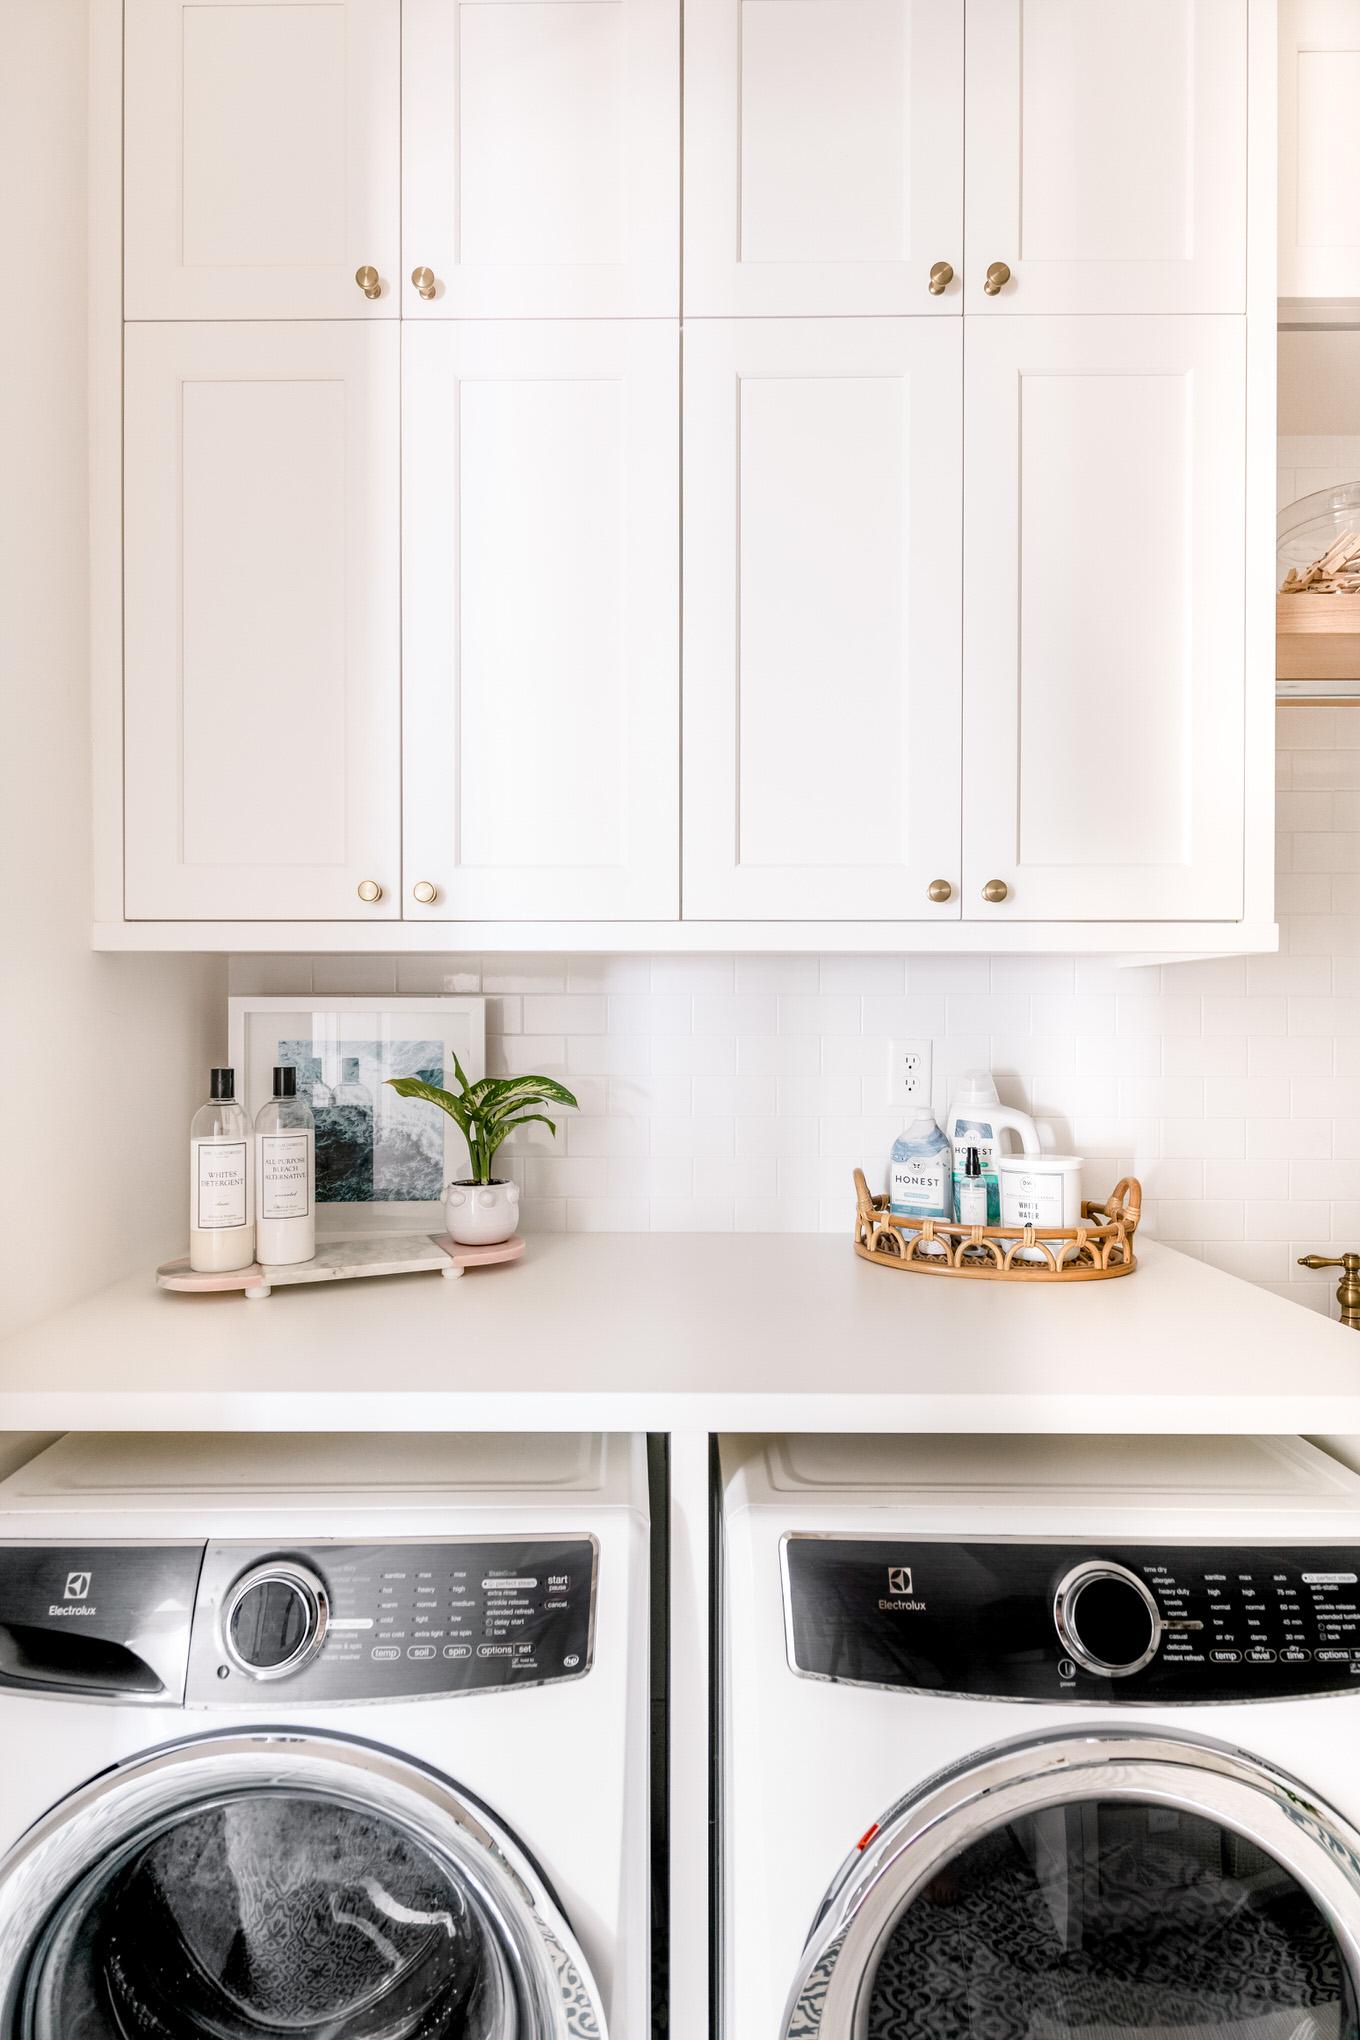 laundry detergent organization